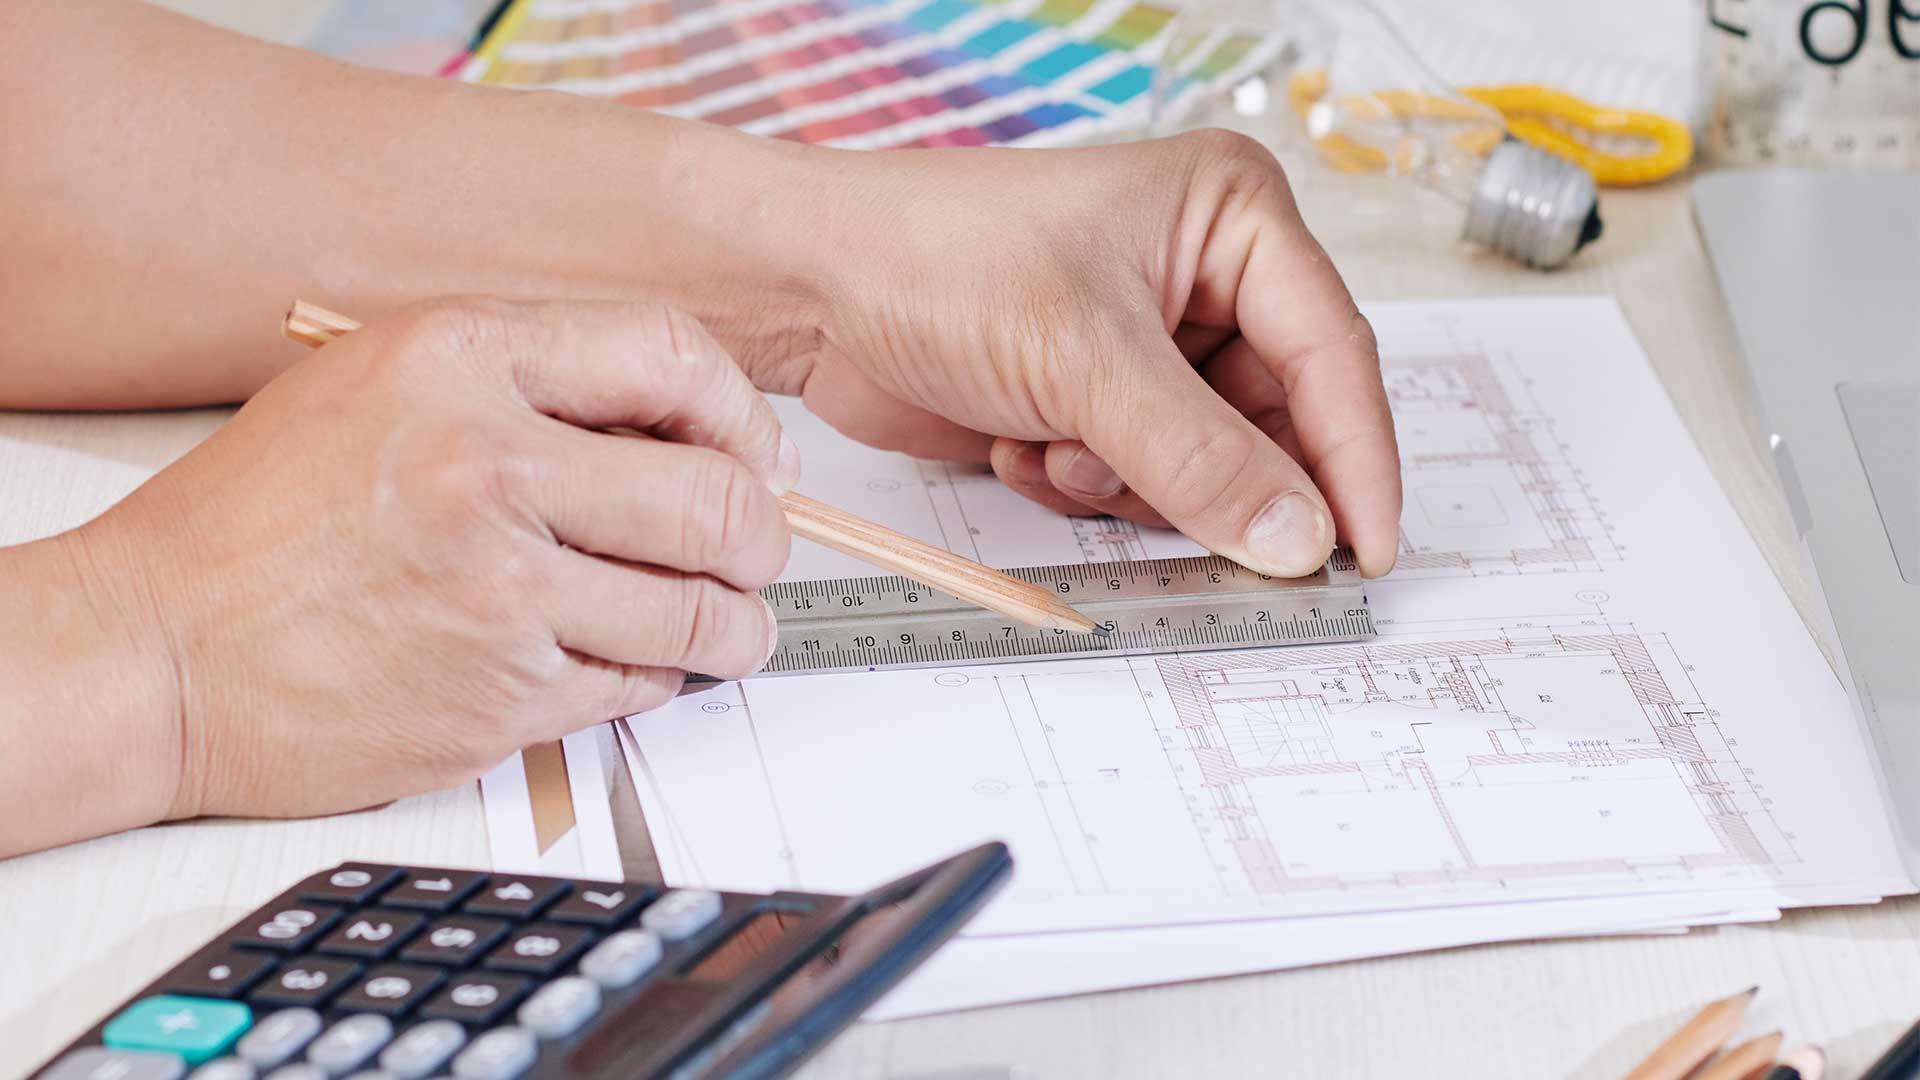 Έκδοση Οικοδομικής Άδειας - Αρχιτέκτονας Στέφανος Βασδέκης